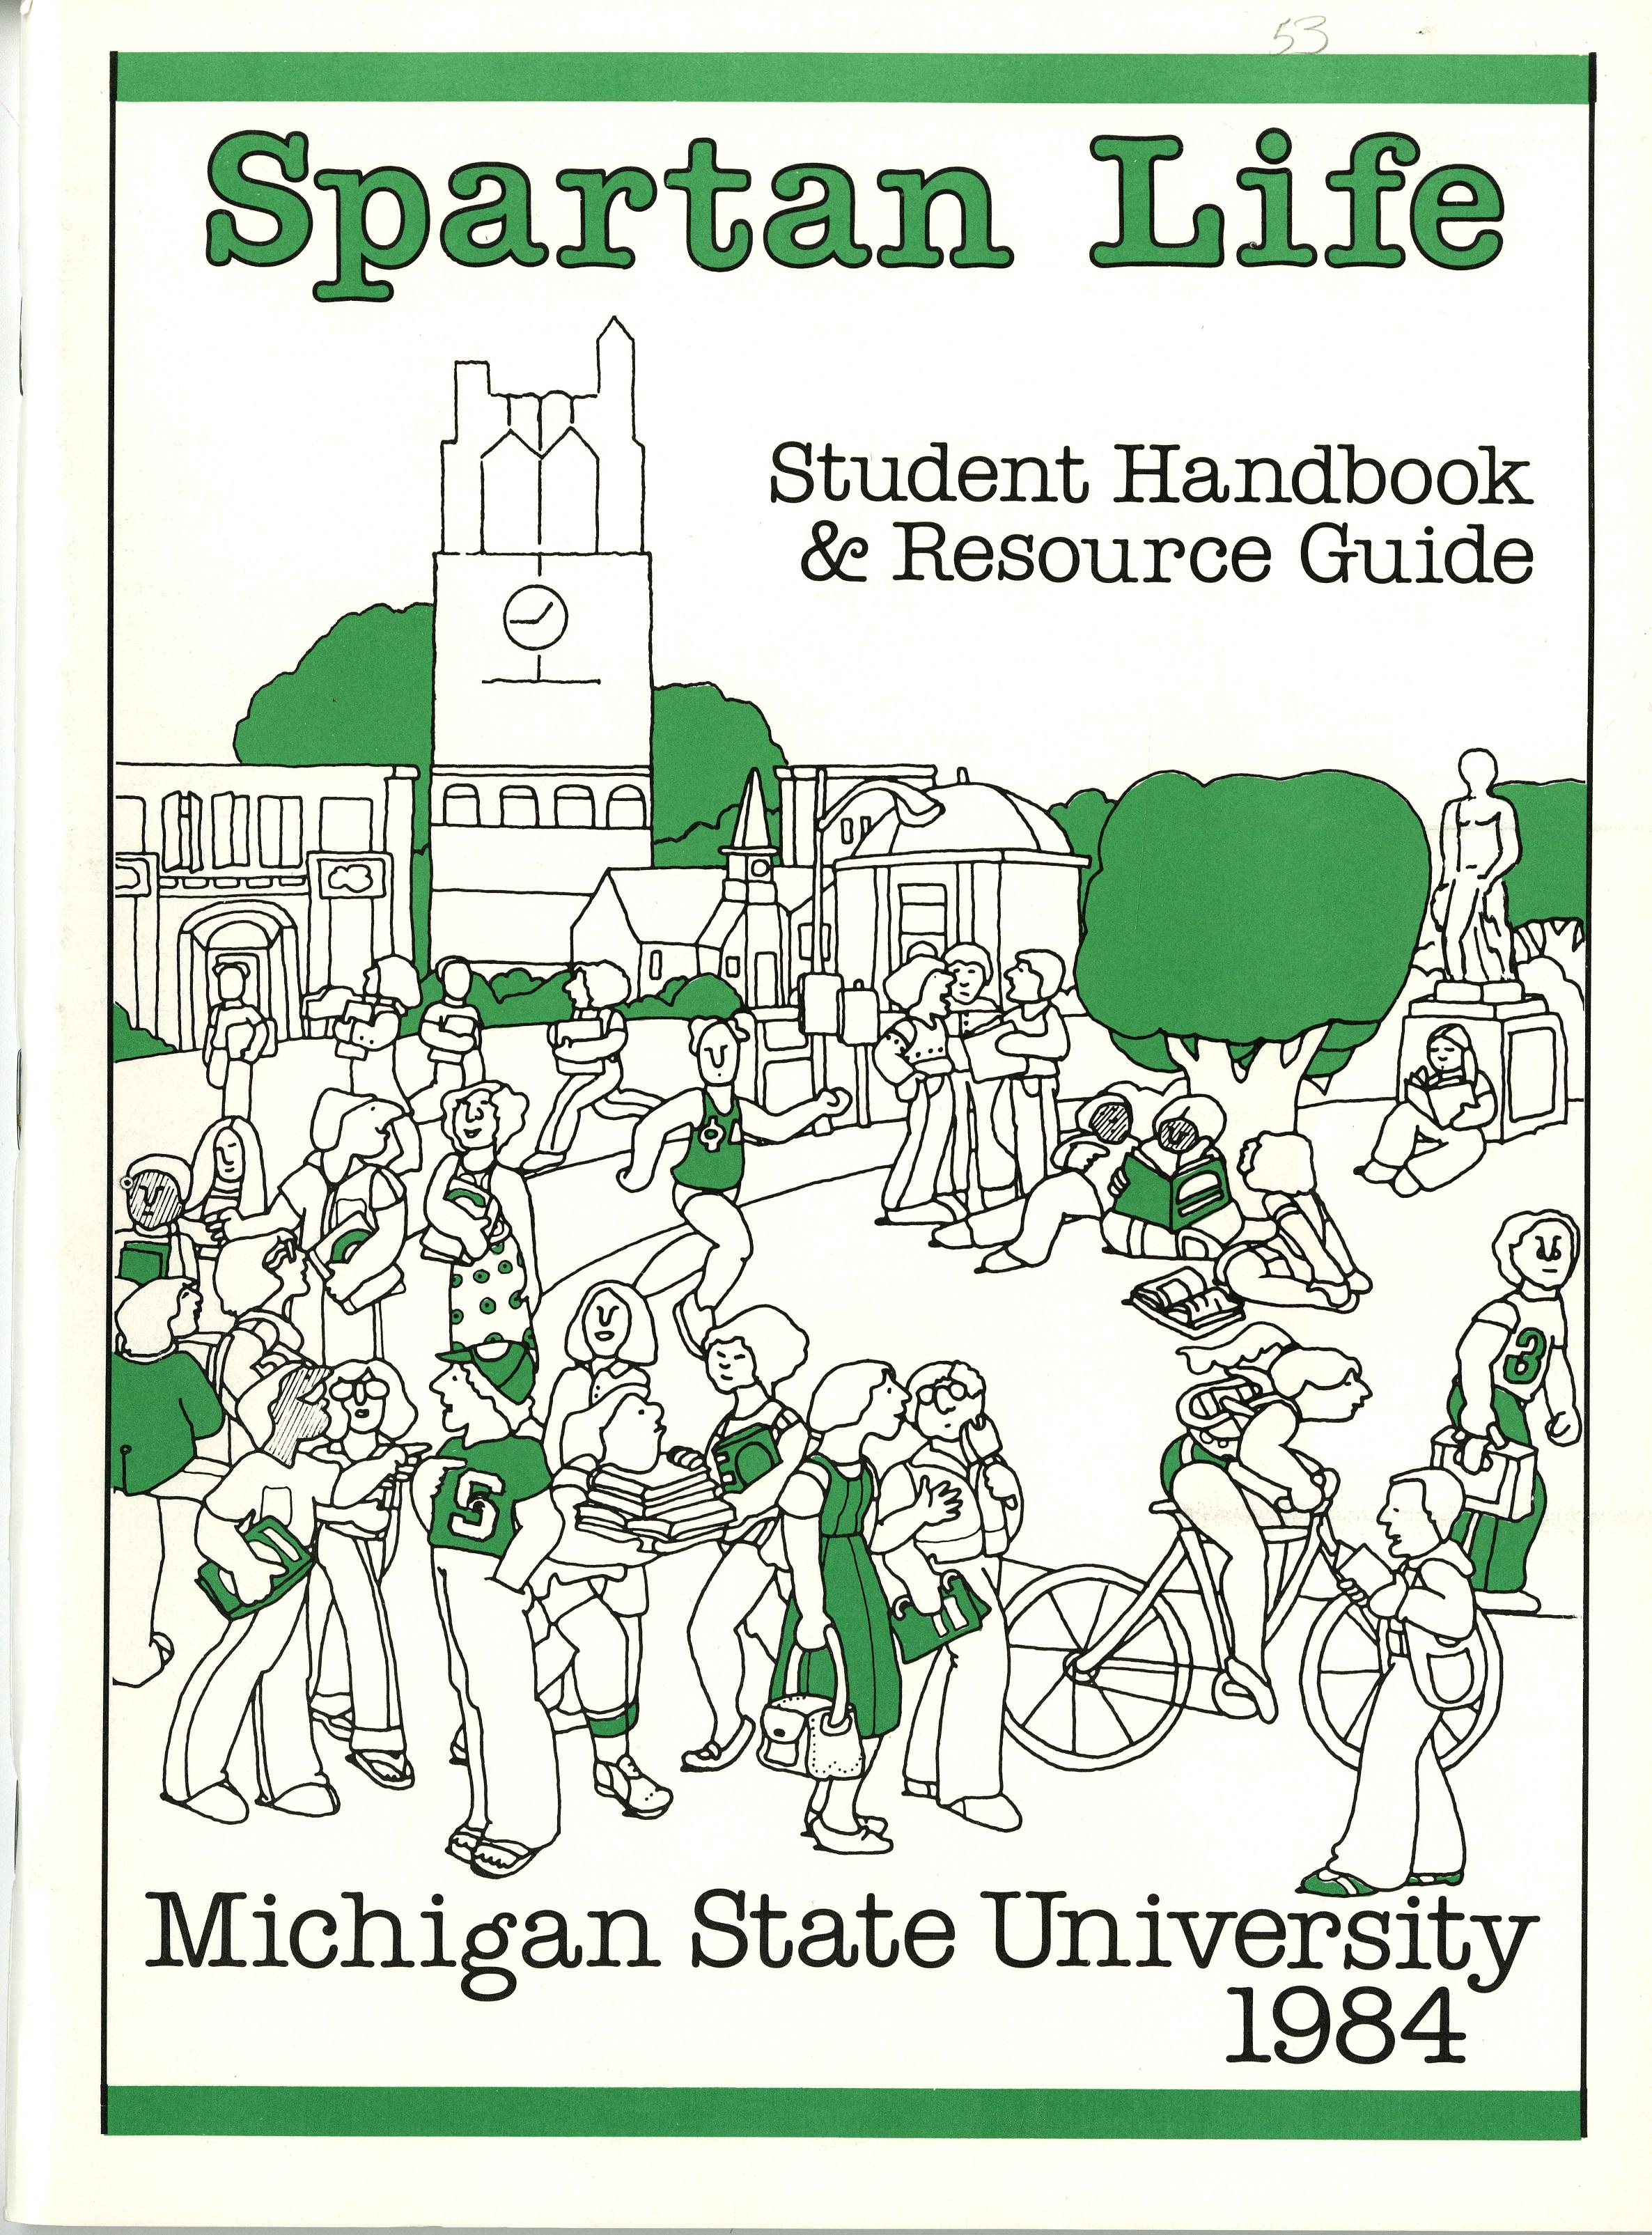 Student Handbook, 1984